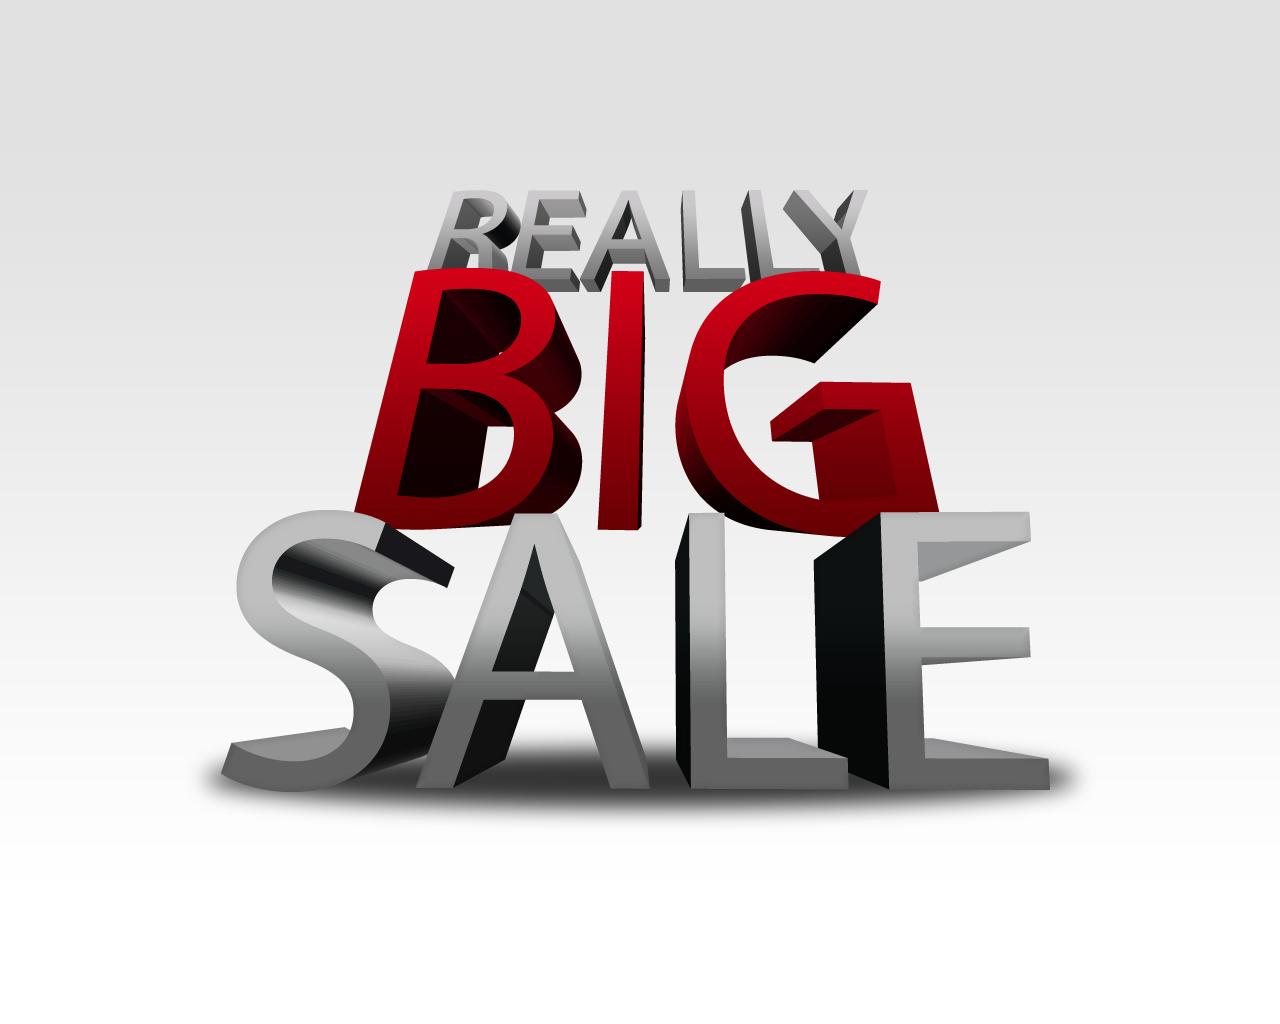 Http Hickory2211 Deviantart Com Art Big Sale 159805834